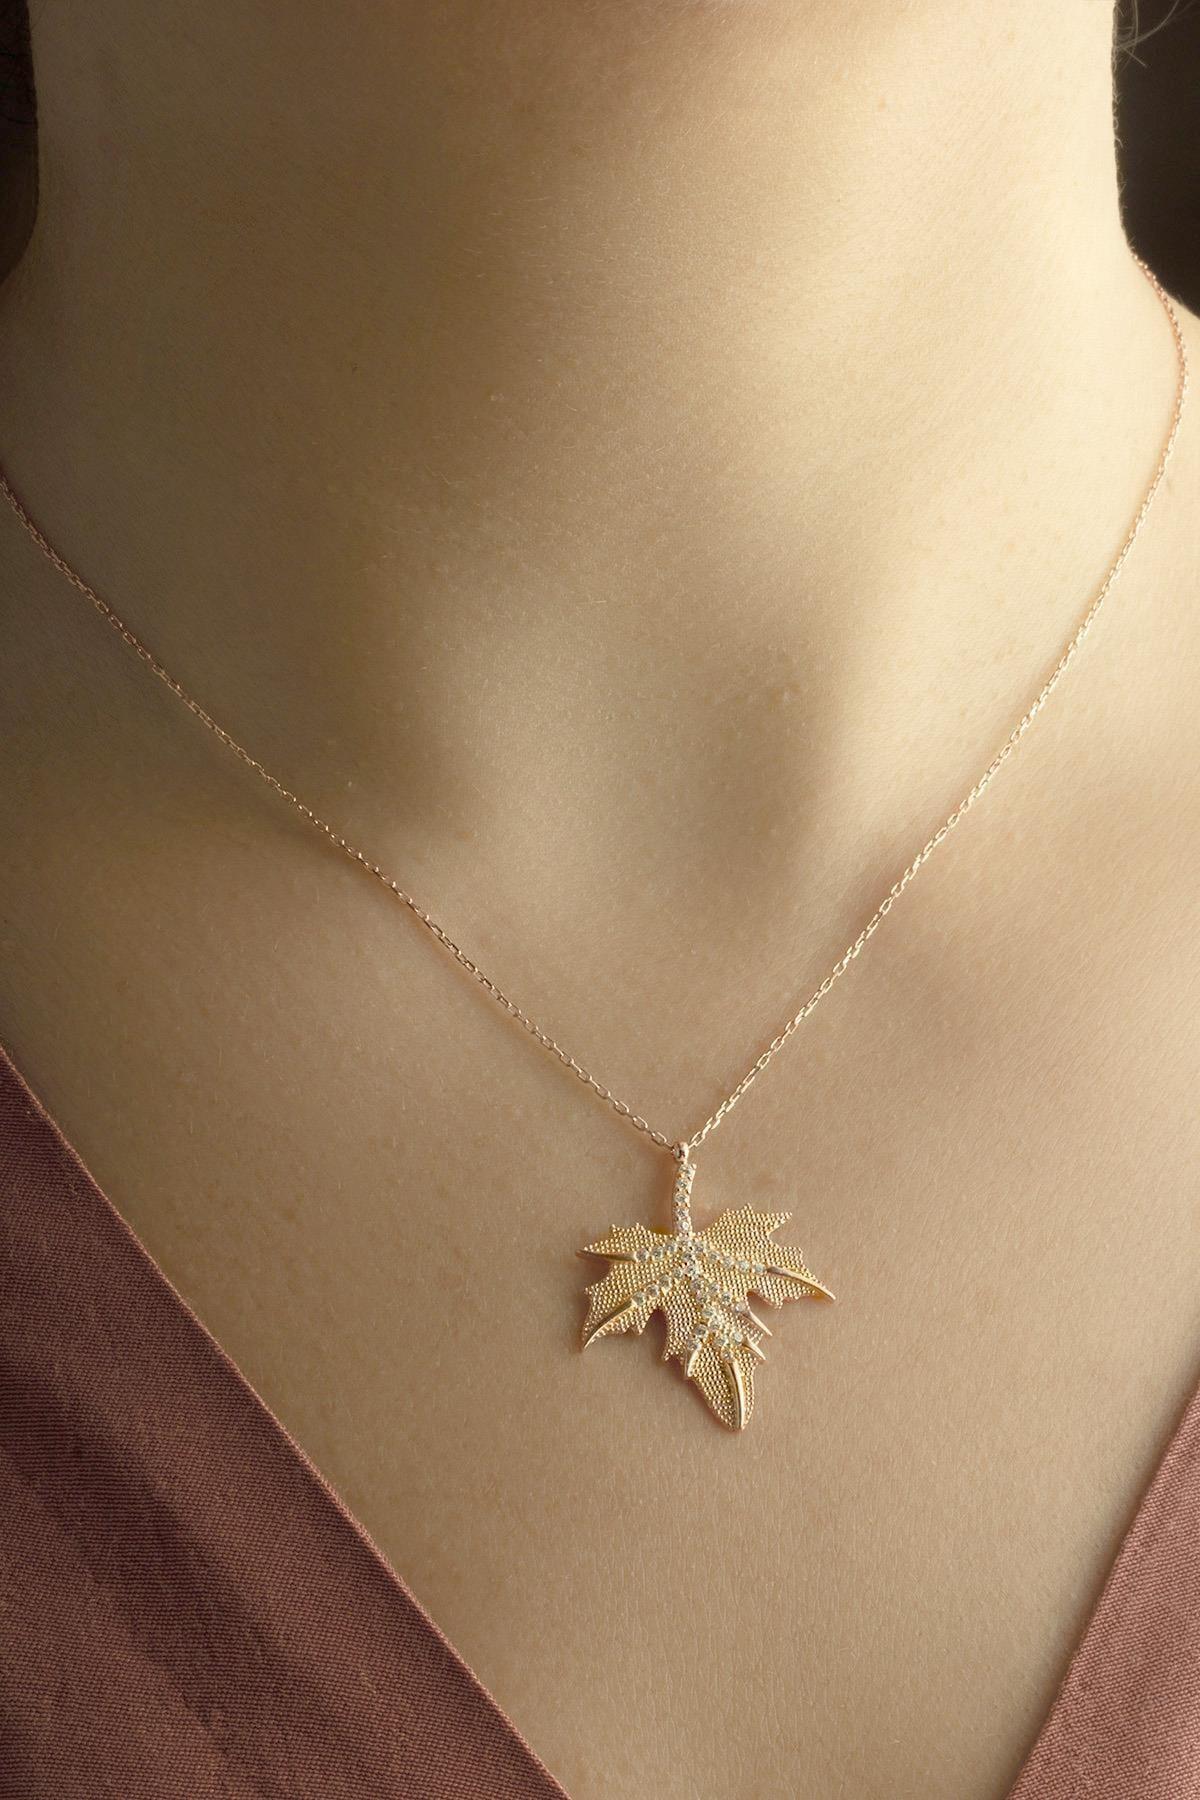 BY BARUN SİLVER Kadın Pembe Çınar Ağacı Yaprağı Gümüş Kolye 1